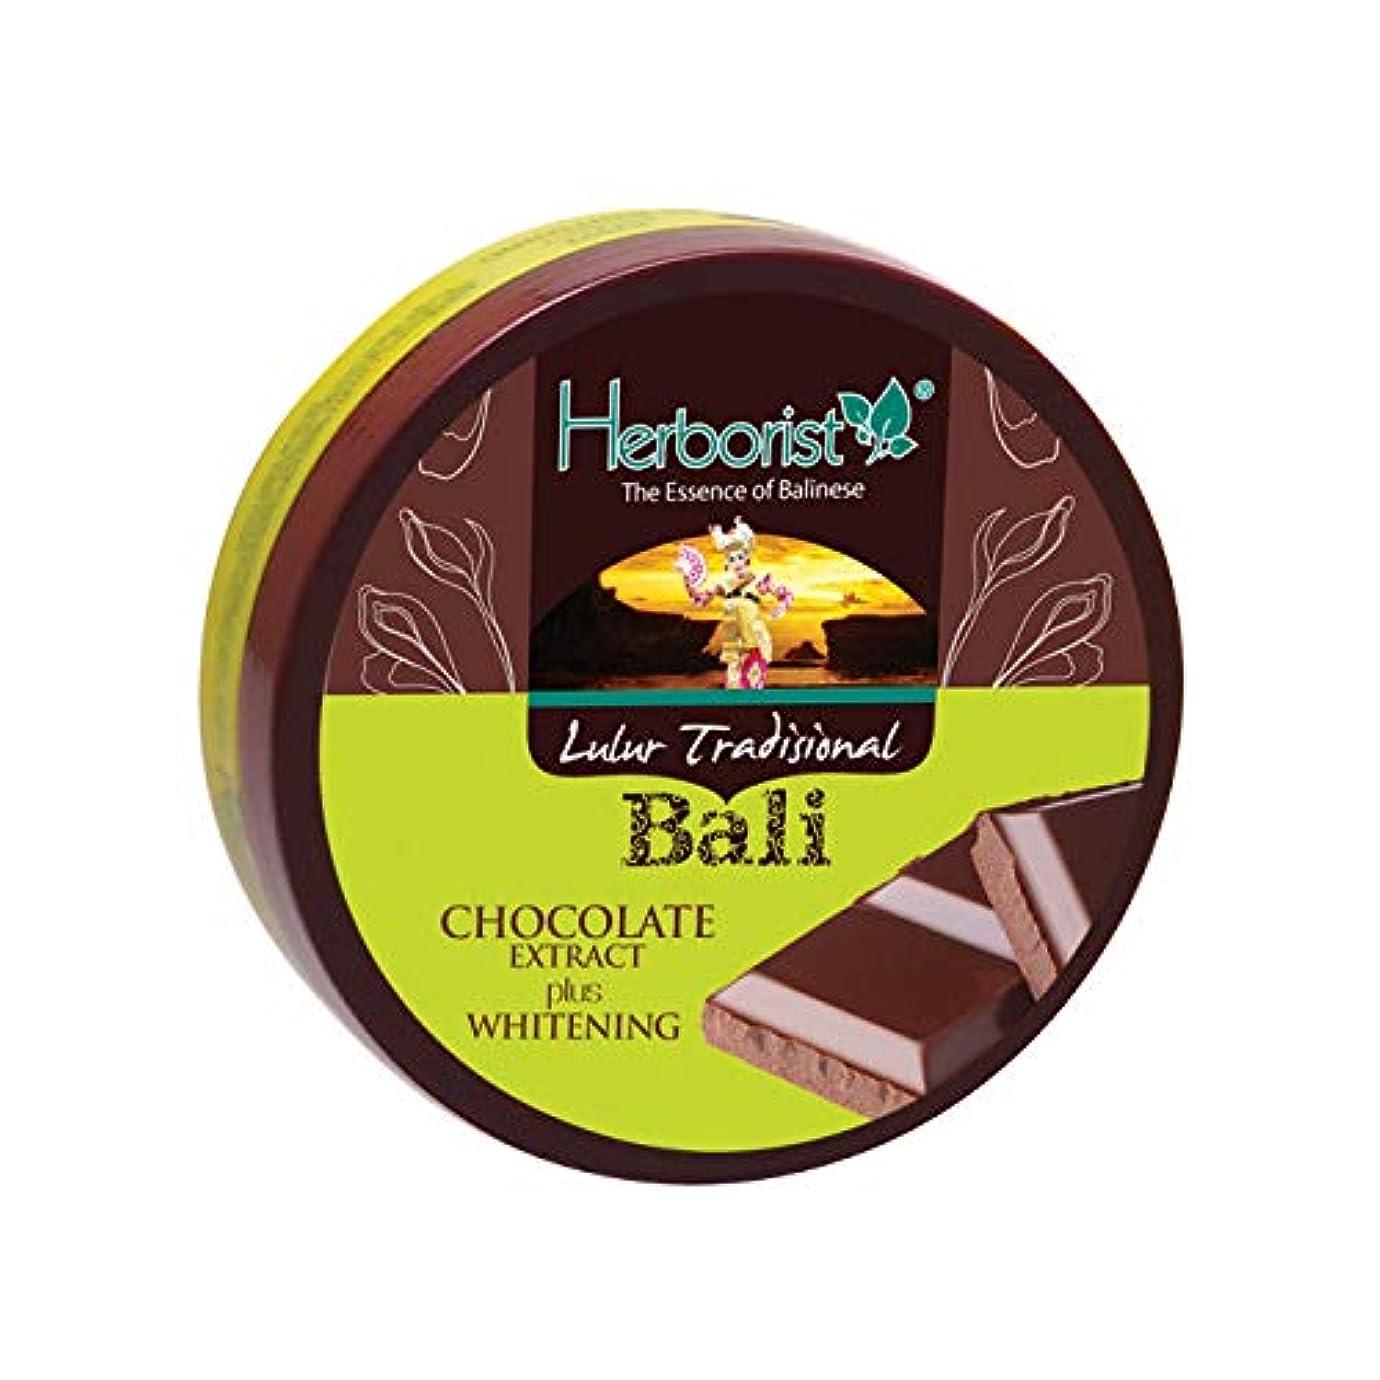 知的褐色ケイ素Herborist ハーボリスト インドネシアバリ島の伝統的なボディスクラブ Lulur Tradisional Bali ルルールトラディショナルバリ 100g Chocolate チョコレート [海外直送品]